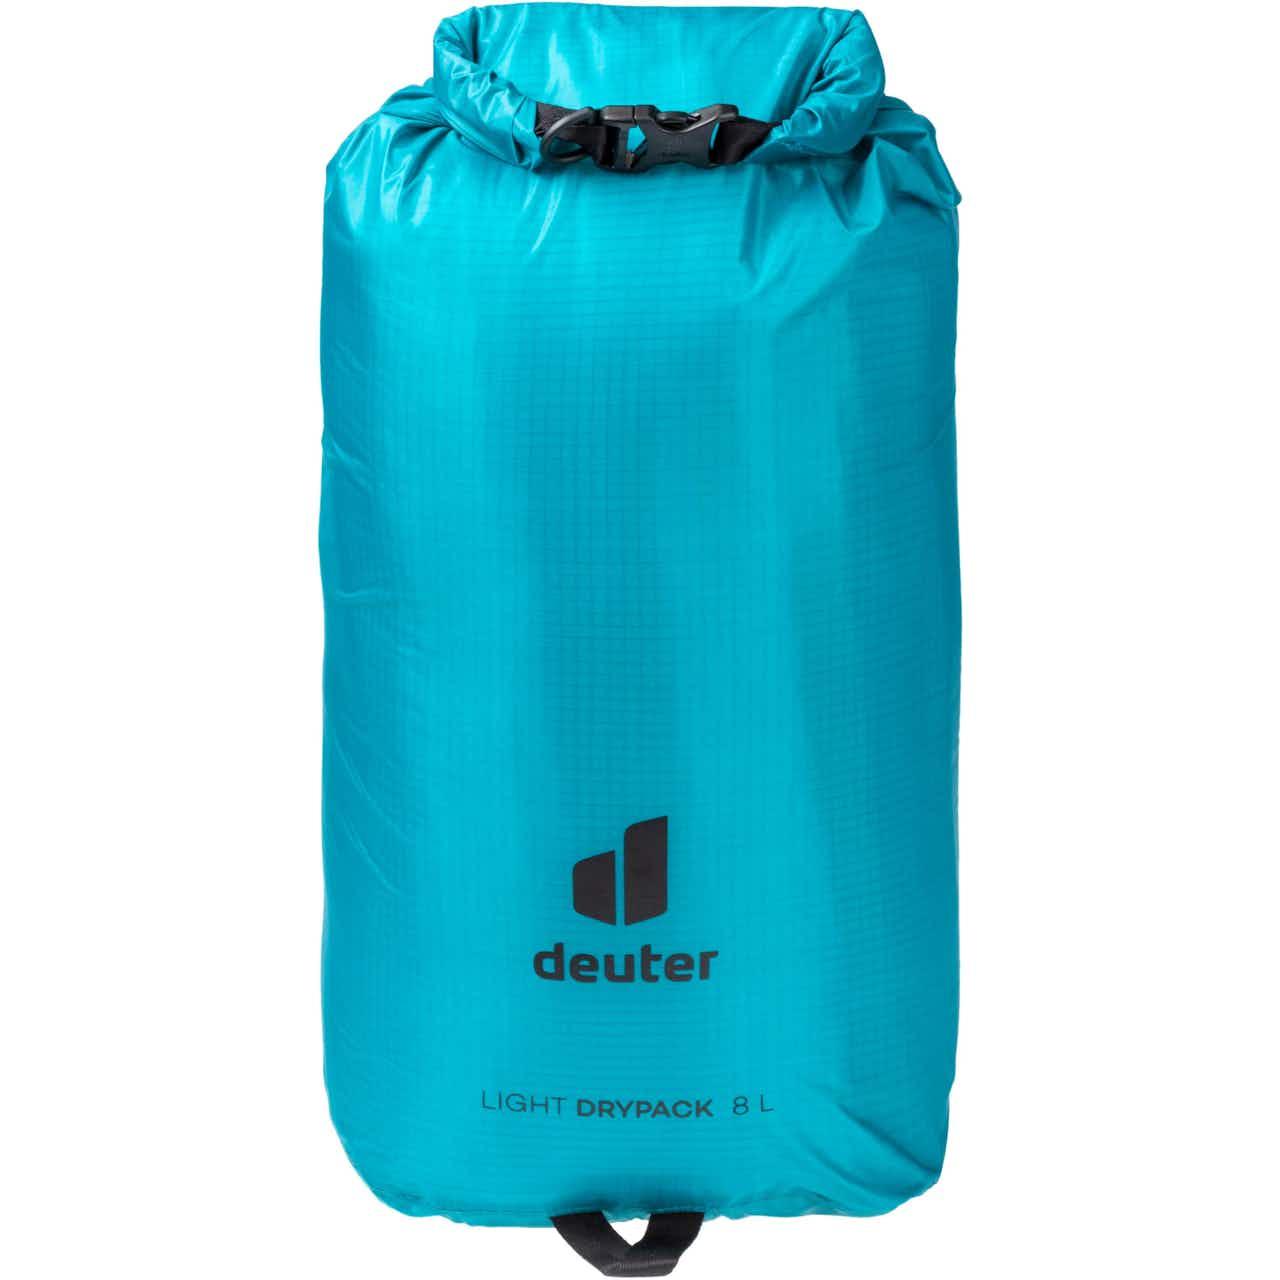 Deuter Light Drypack 8 Packsack